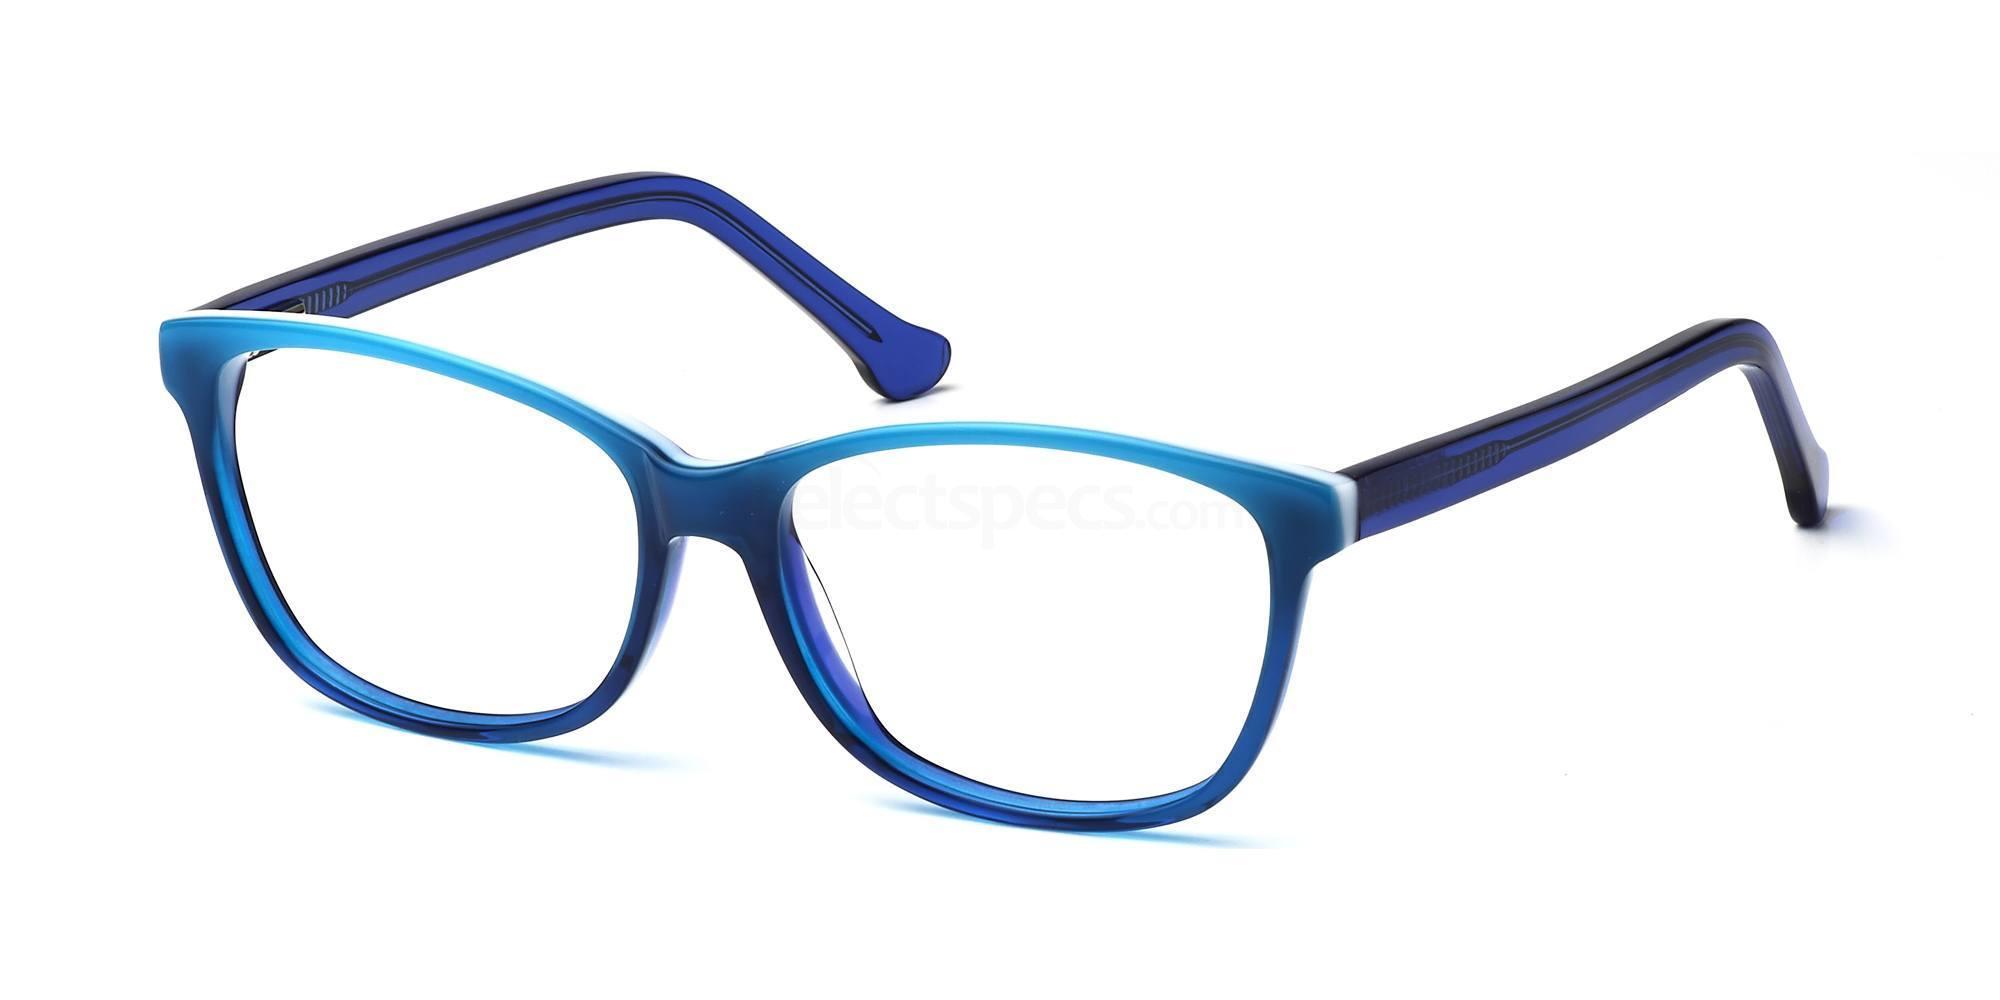 C1 DM122 Glasses, DiMarco